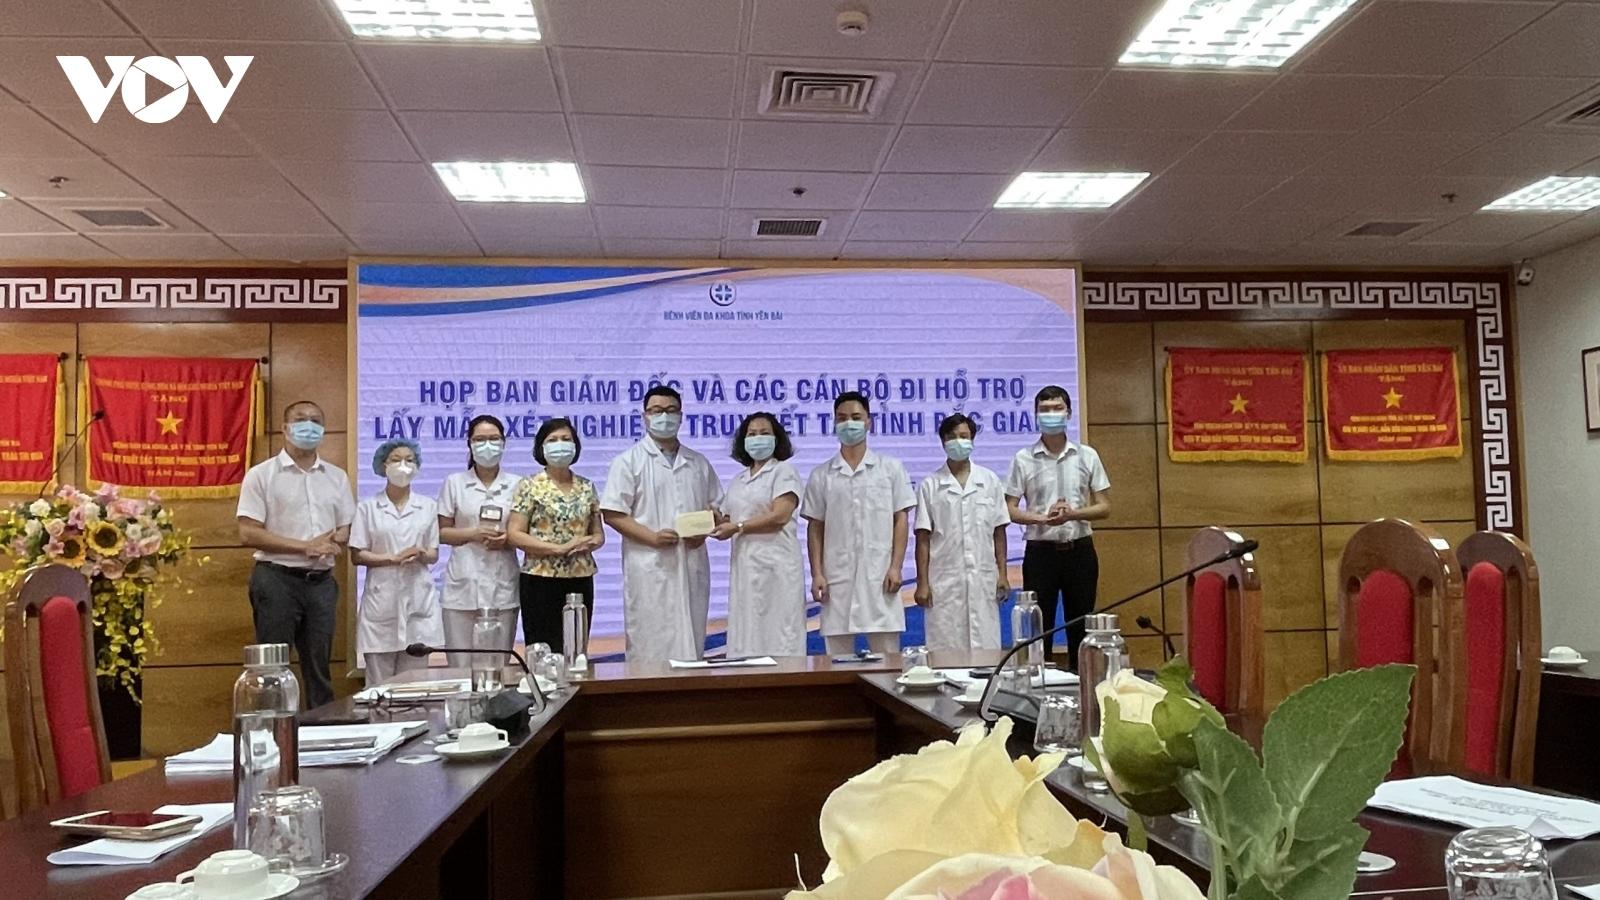 Yên Bái cử đoàn công tác thứ 2 hỗ trợ Bắc Giang điều trị bệnh nhân Covid-19